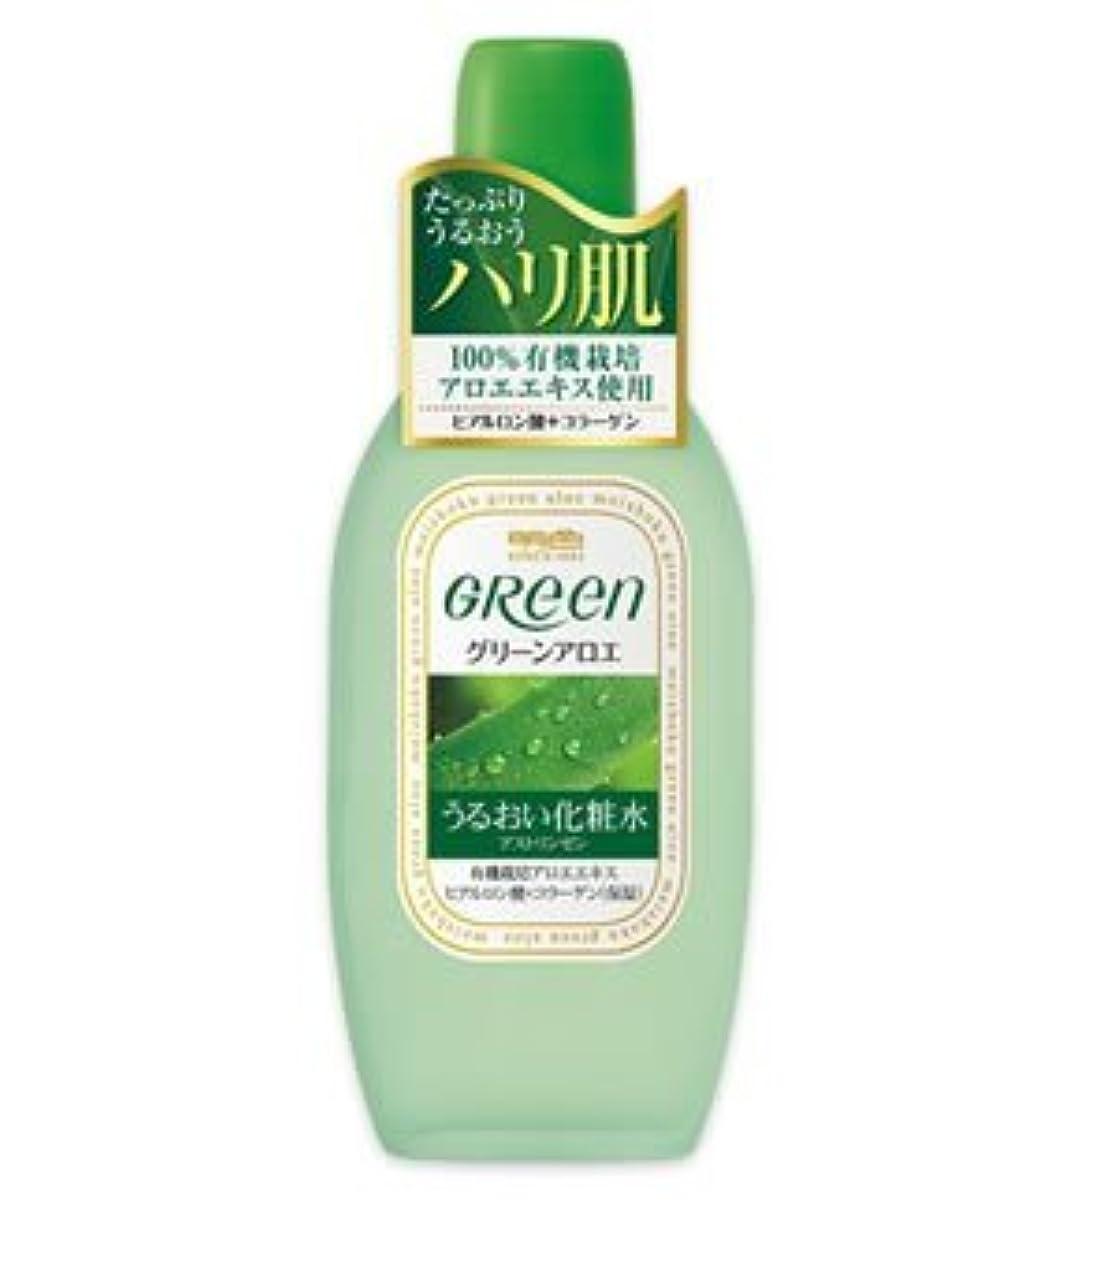 ちなみにキッチン爆風(明色)グリーン アストリンゼン 170ml(お買い得3本セット)